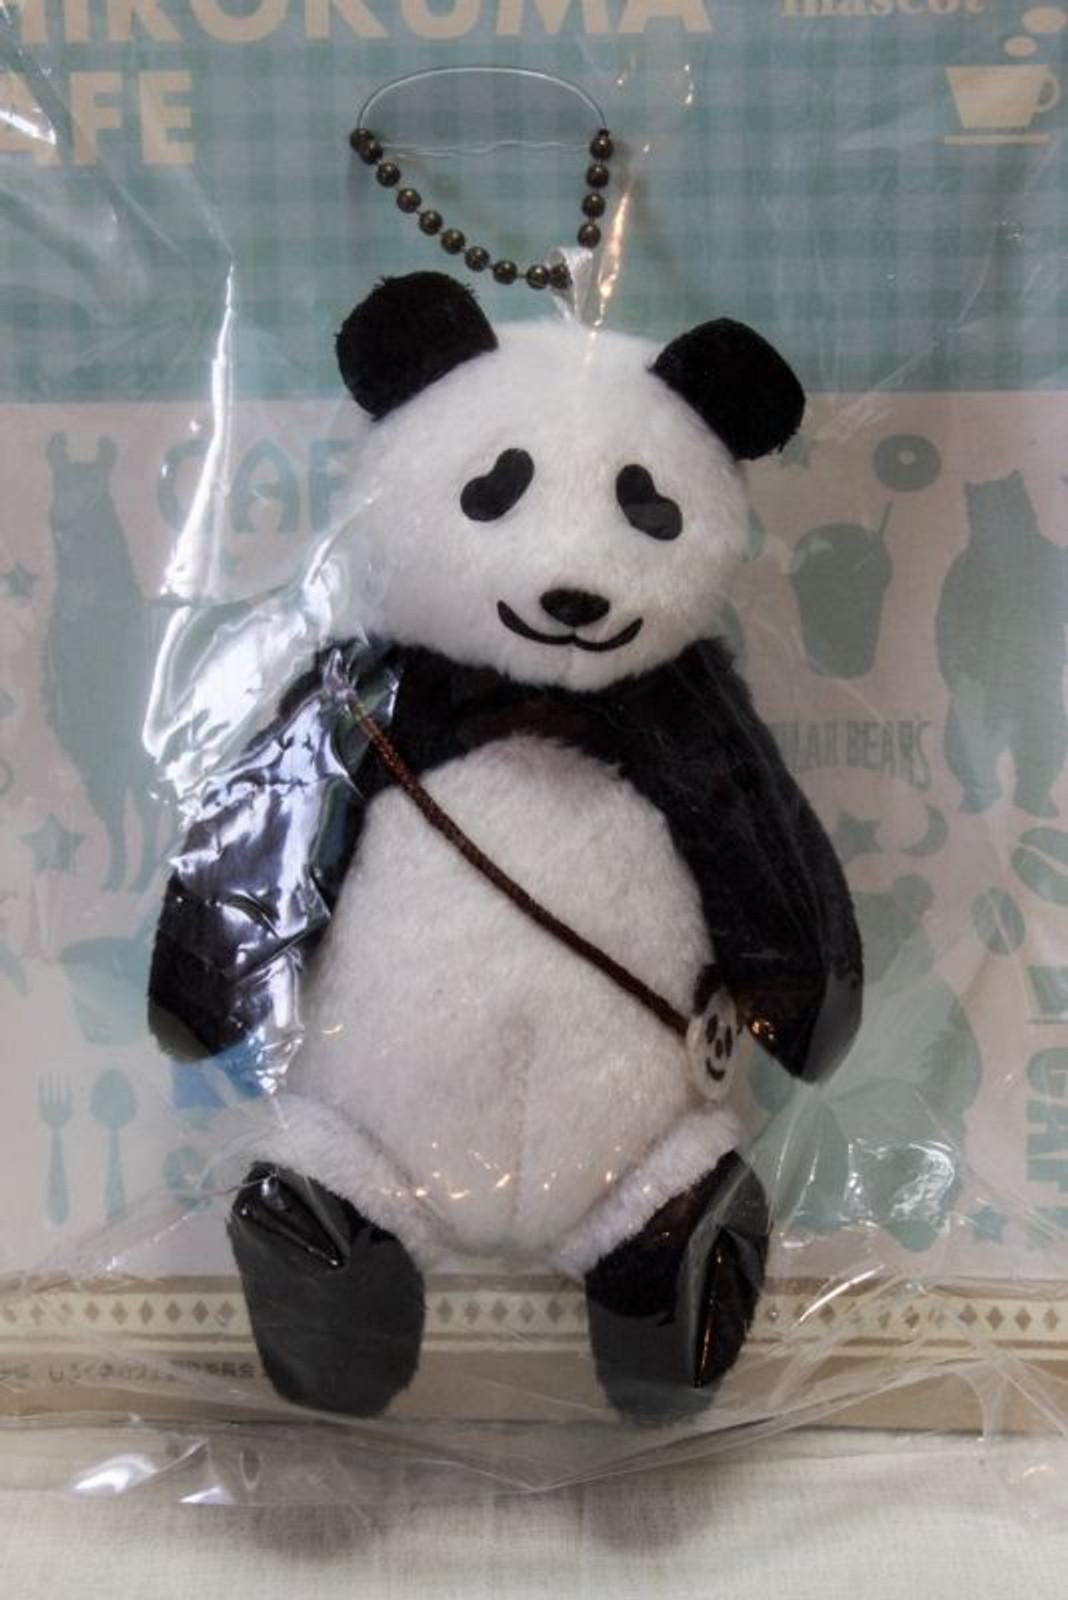 Shirokuma Cafe Panda kun Plush Doll Mascot Ball Chain Ichiban Kuji JAPAN ANIME